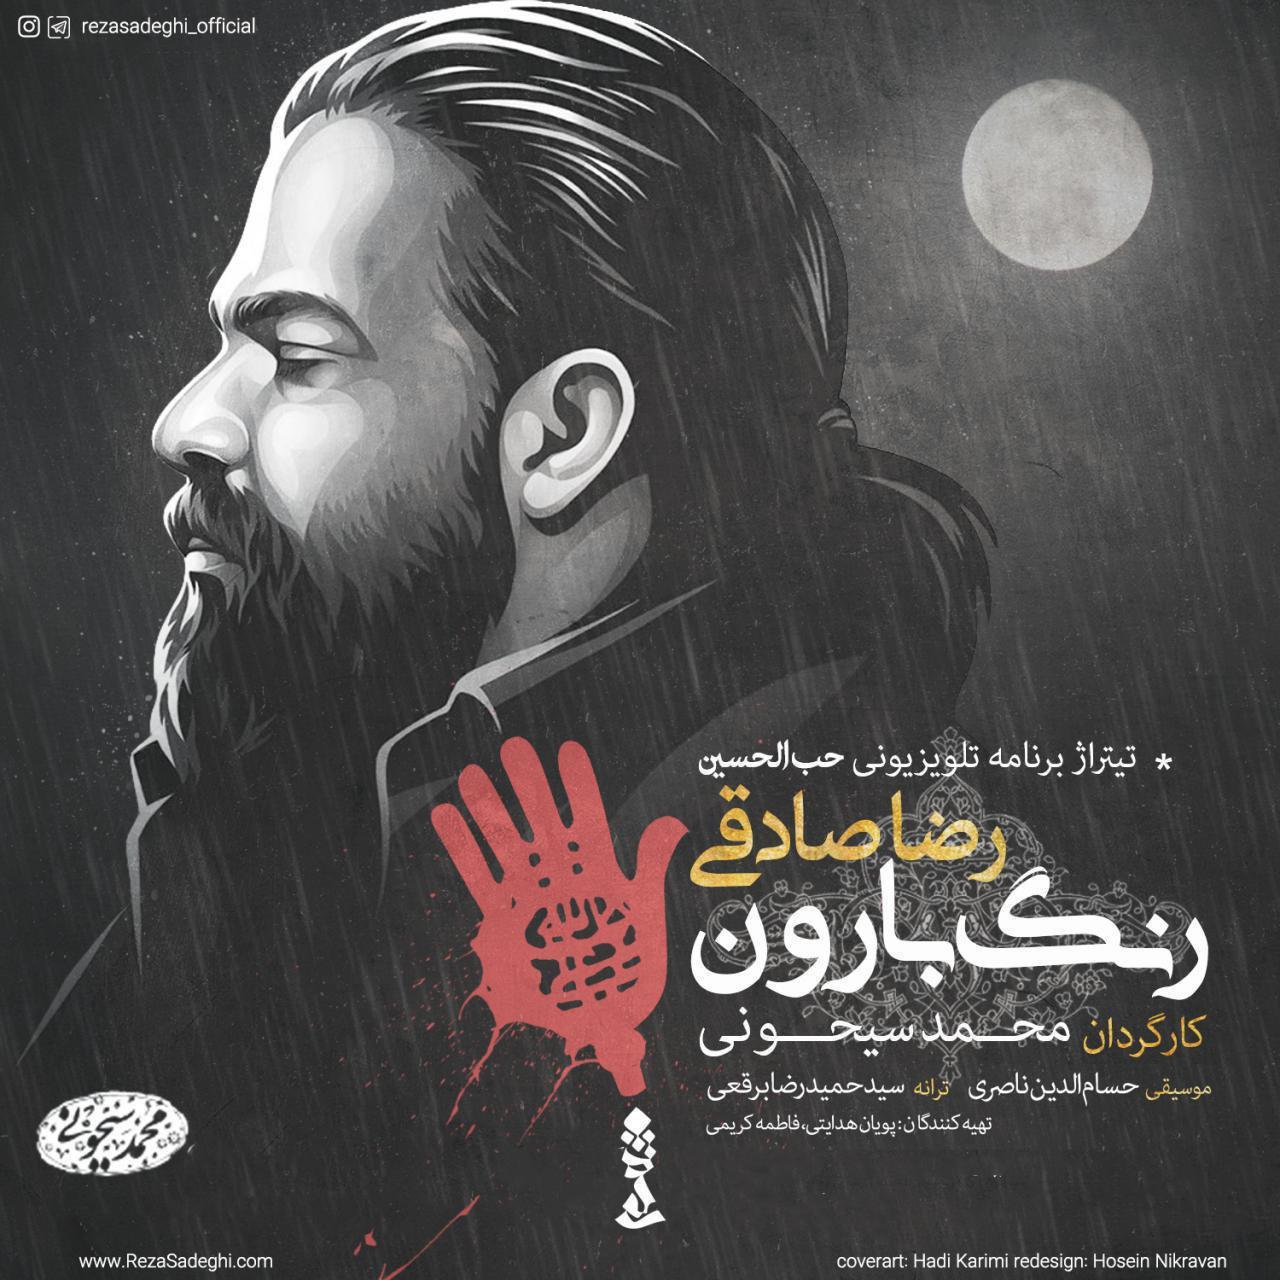 دانلود آهنگ رنگ بارون از رضا صادقی